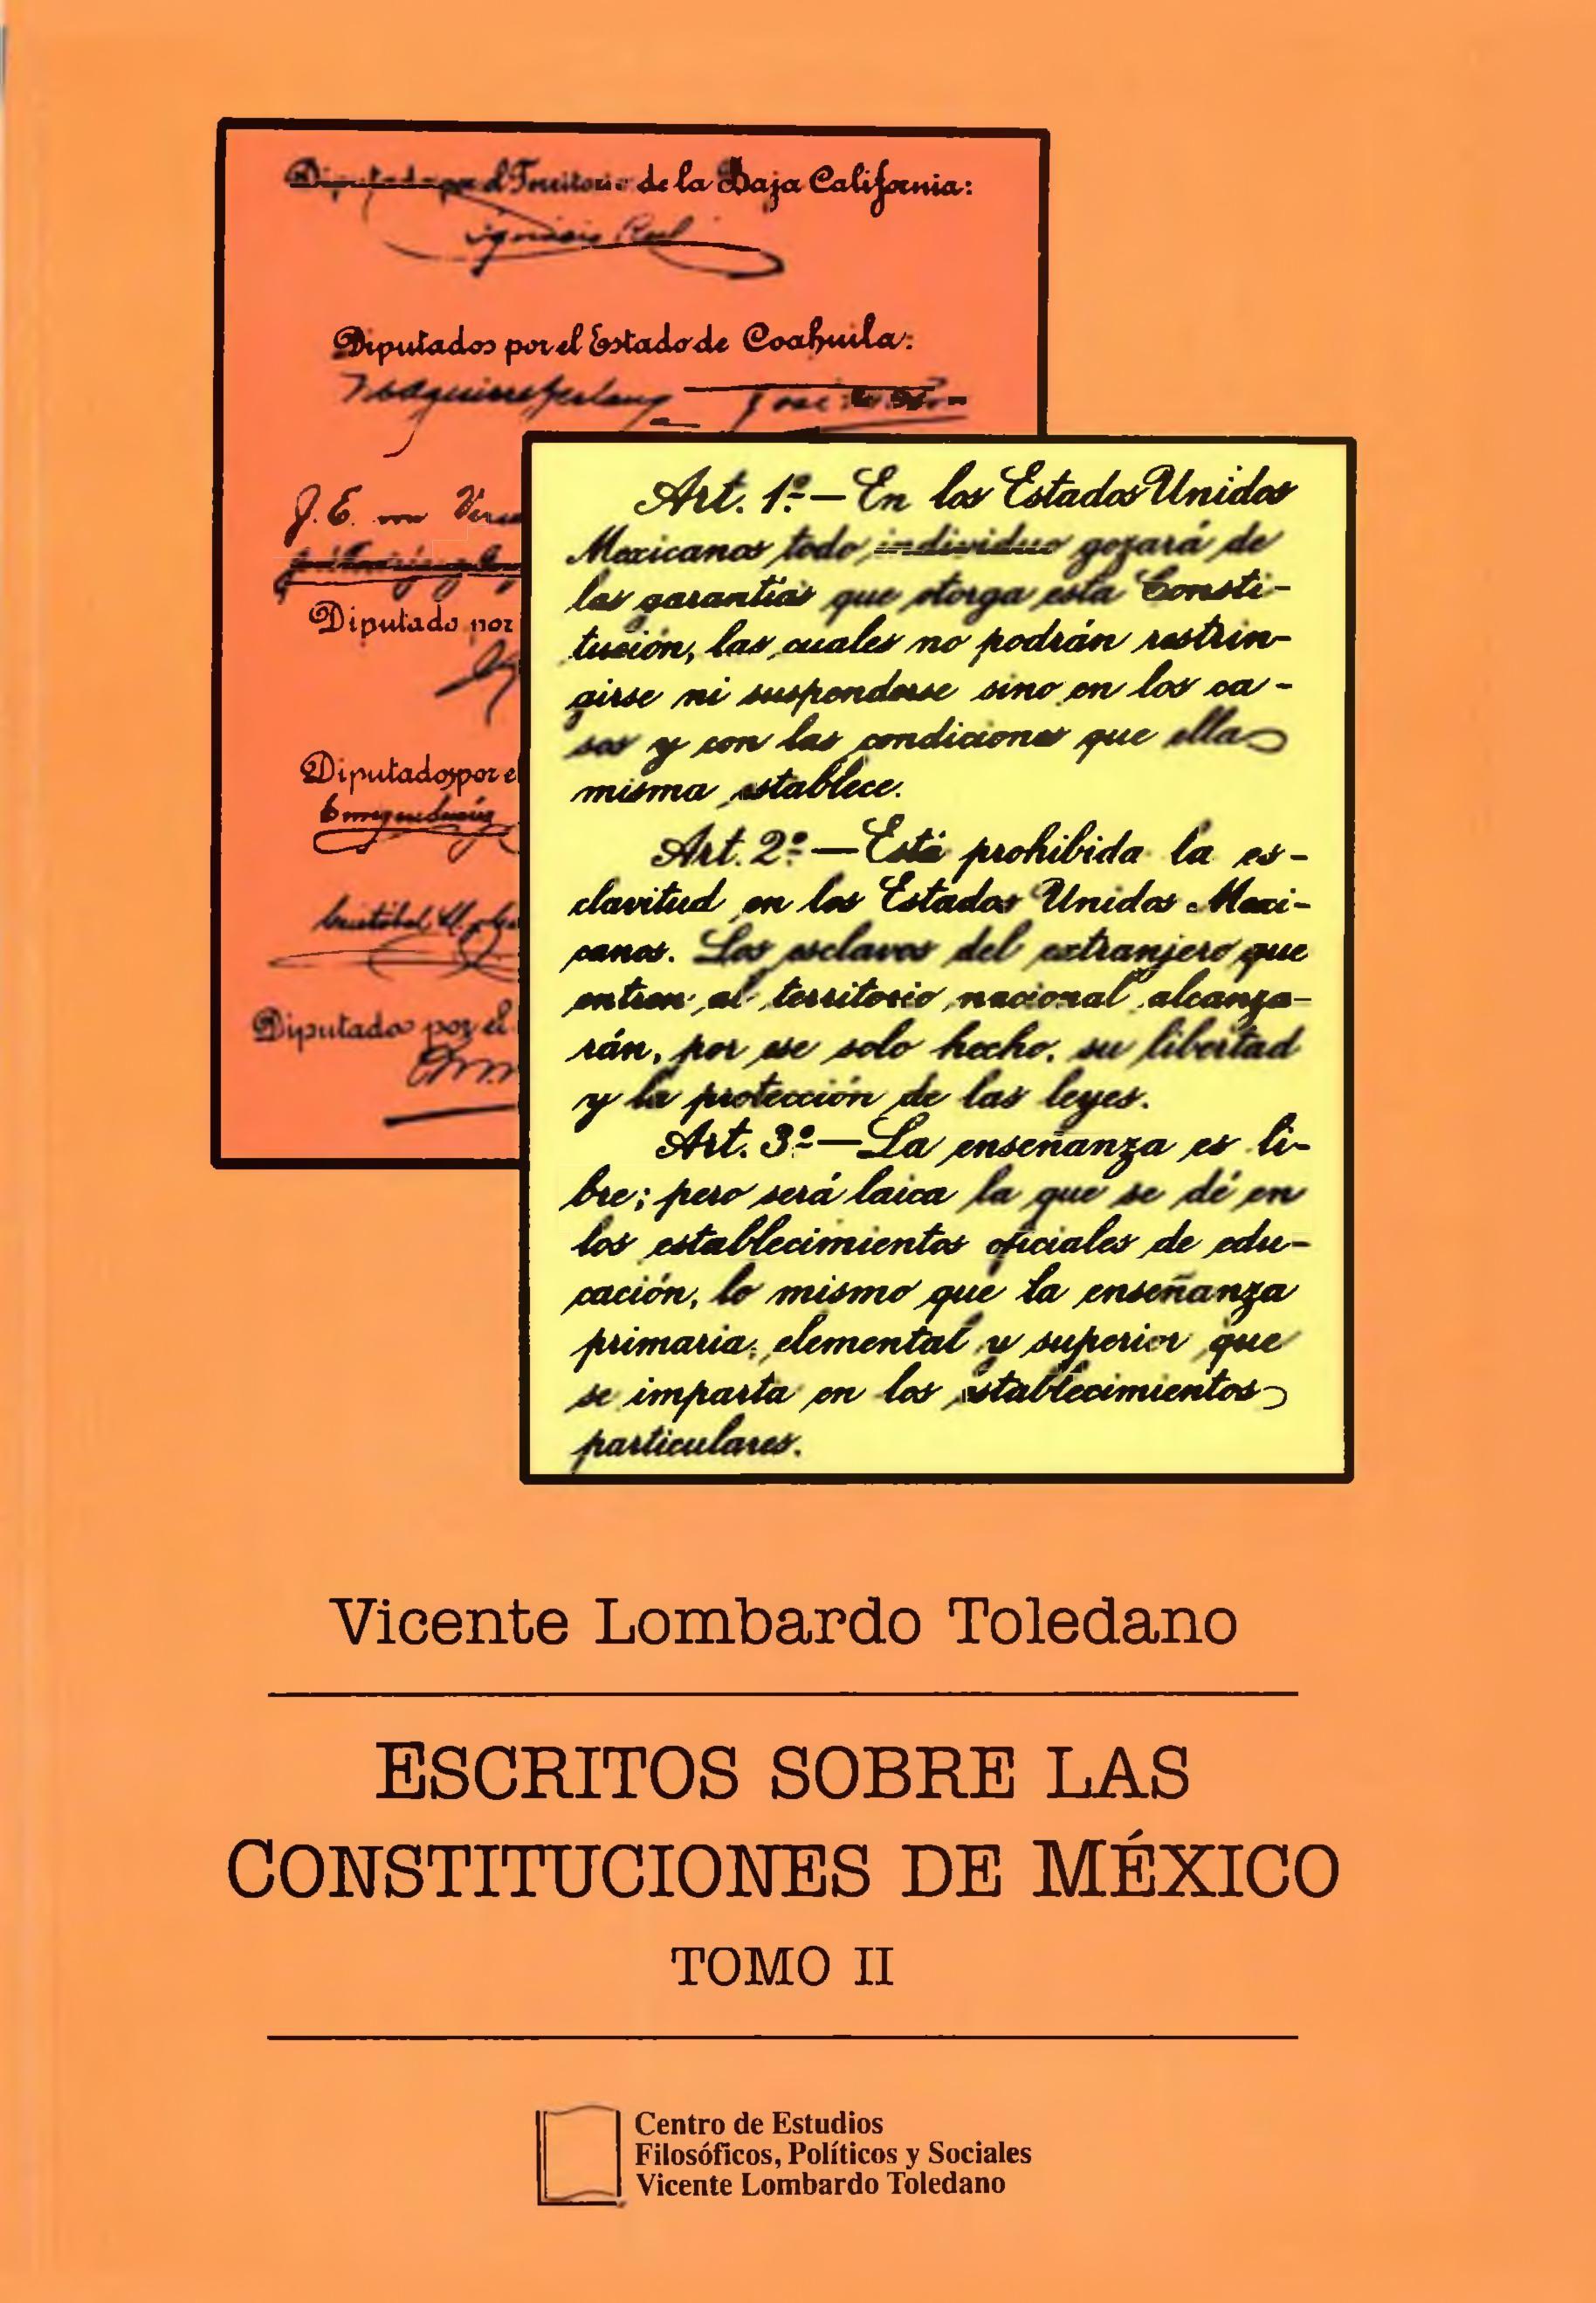 Portada del libro: ESCRITOS SOBRE LAS CONSTITUCIONES DE MÉXICO. TOMO II